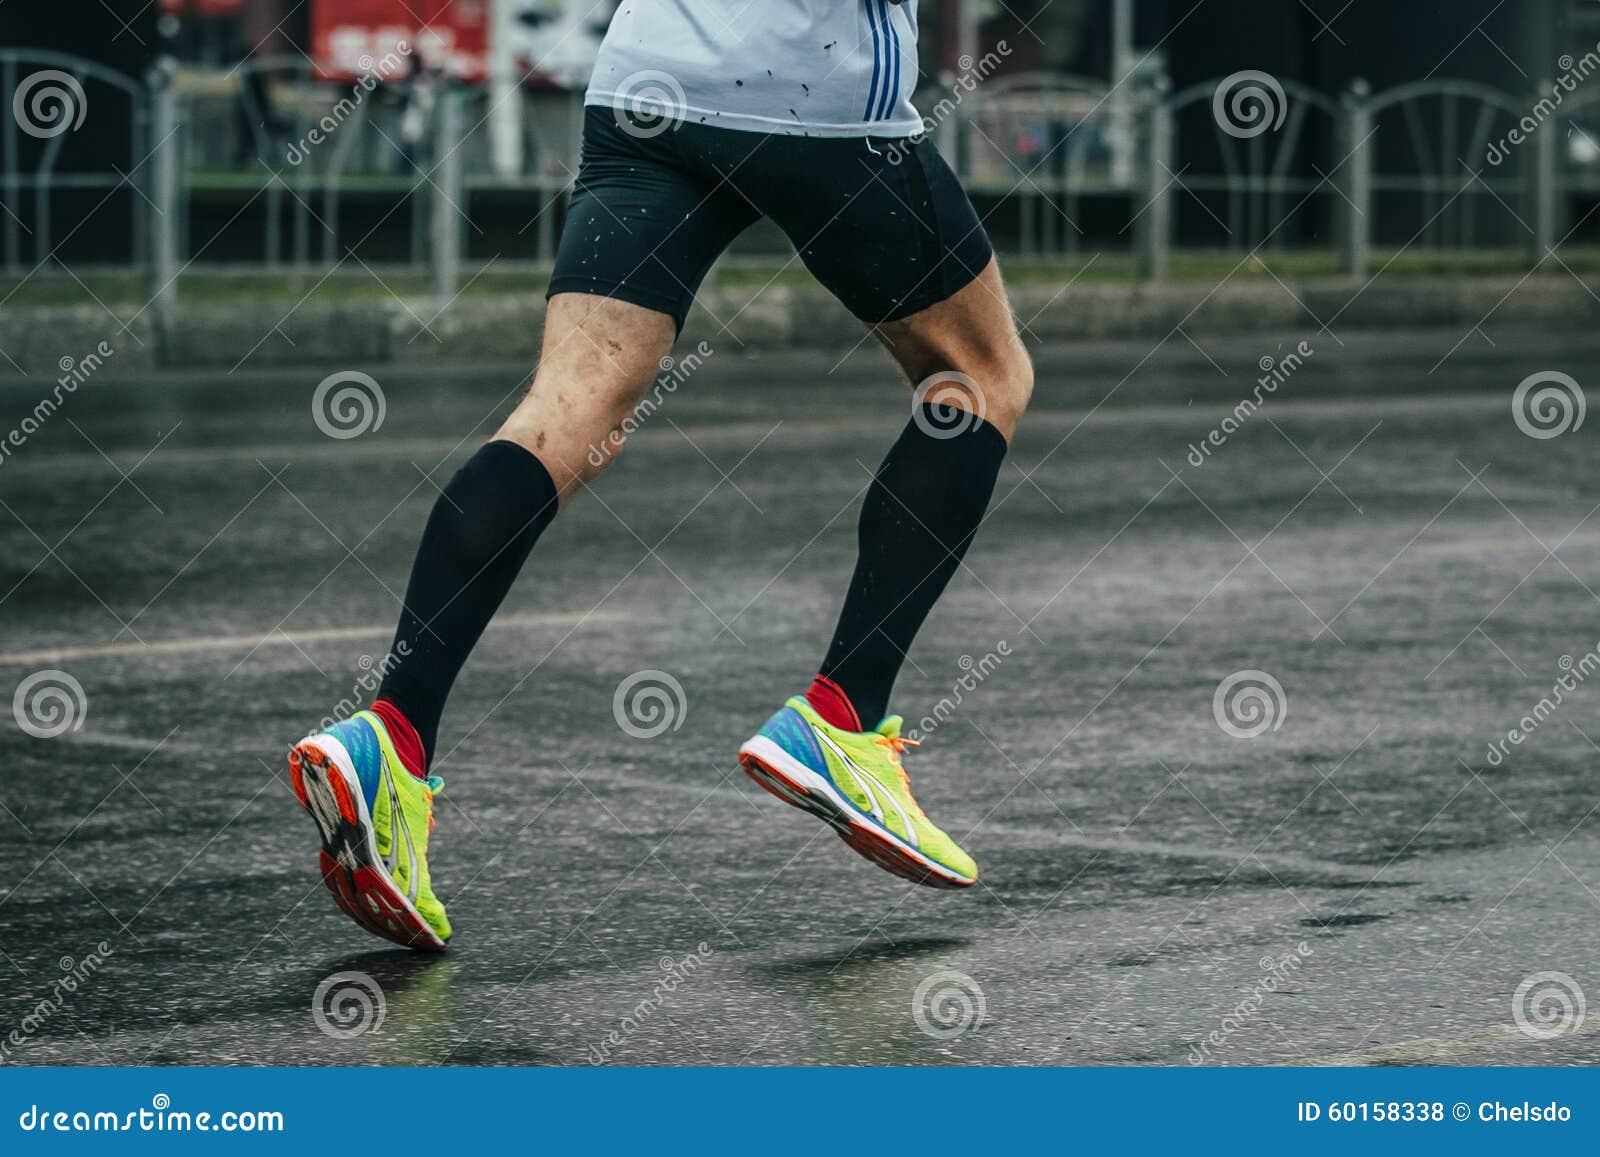 年轻运动员跑马拉松